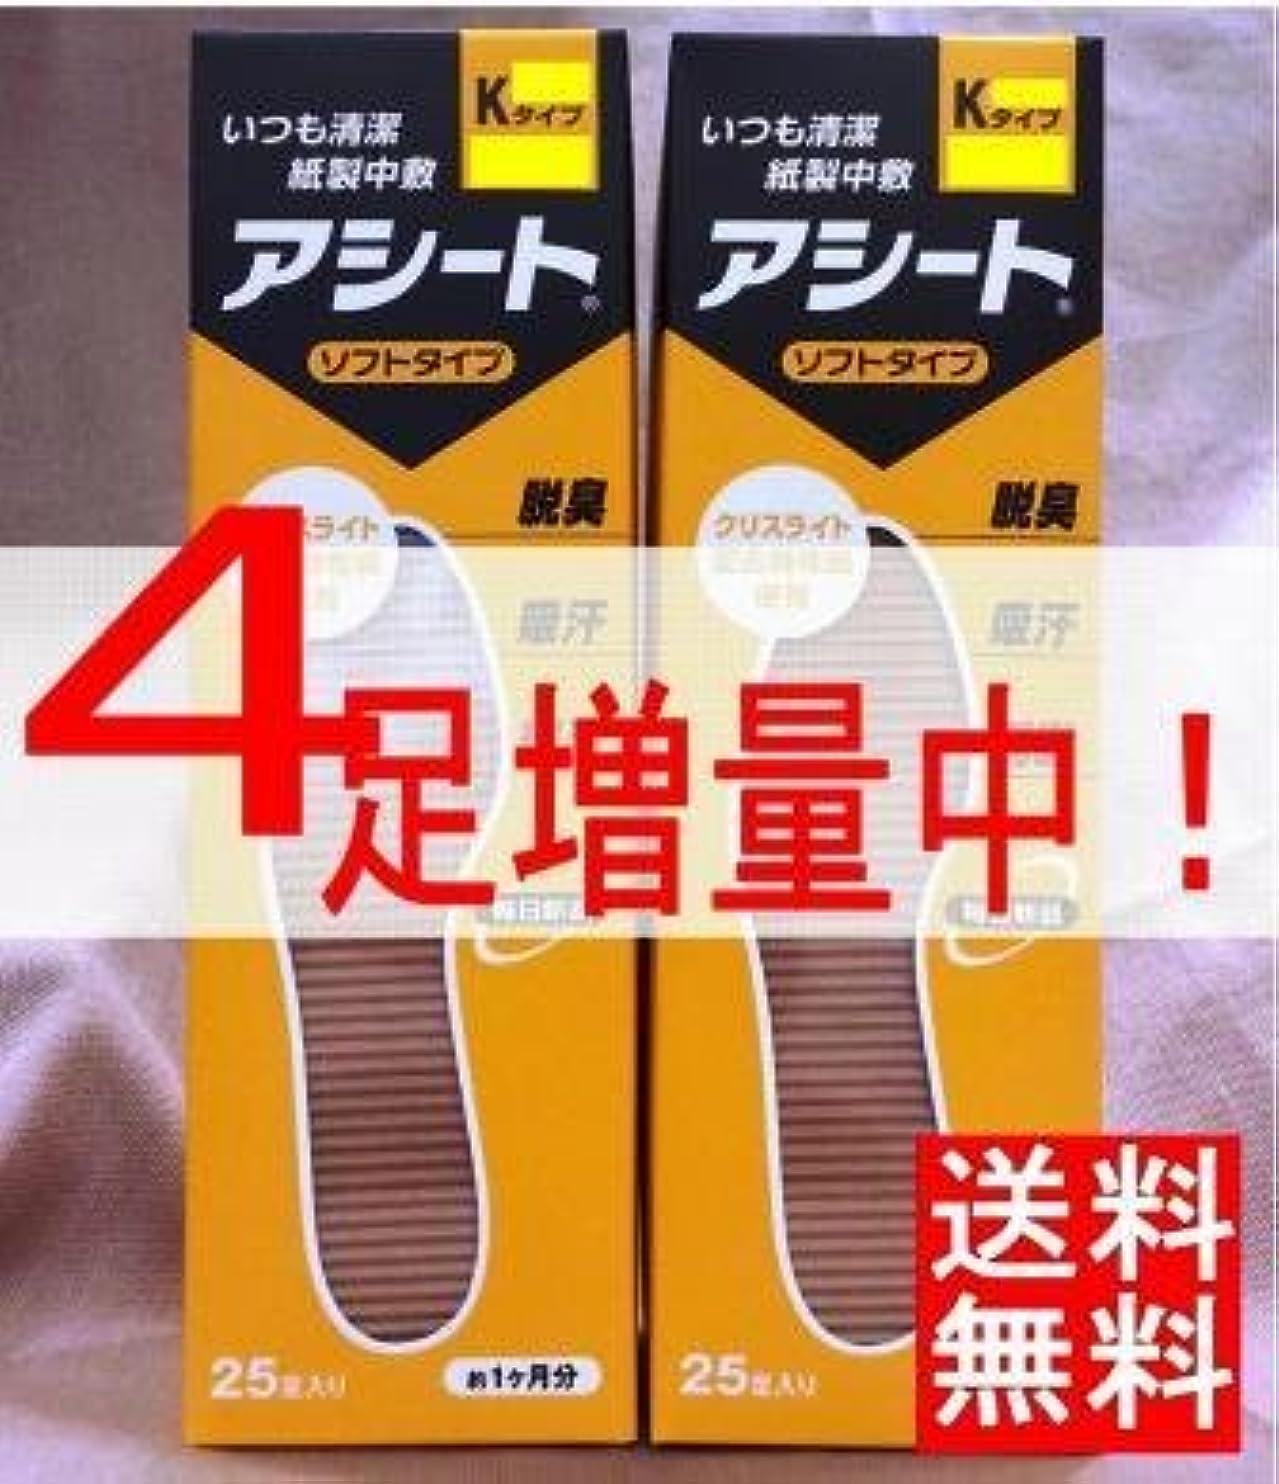 応用詩人ポルノアシートK(サイズ27cm)×2箱セット(4足増量中)